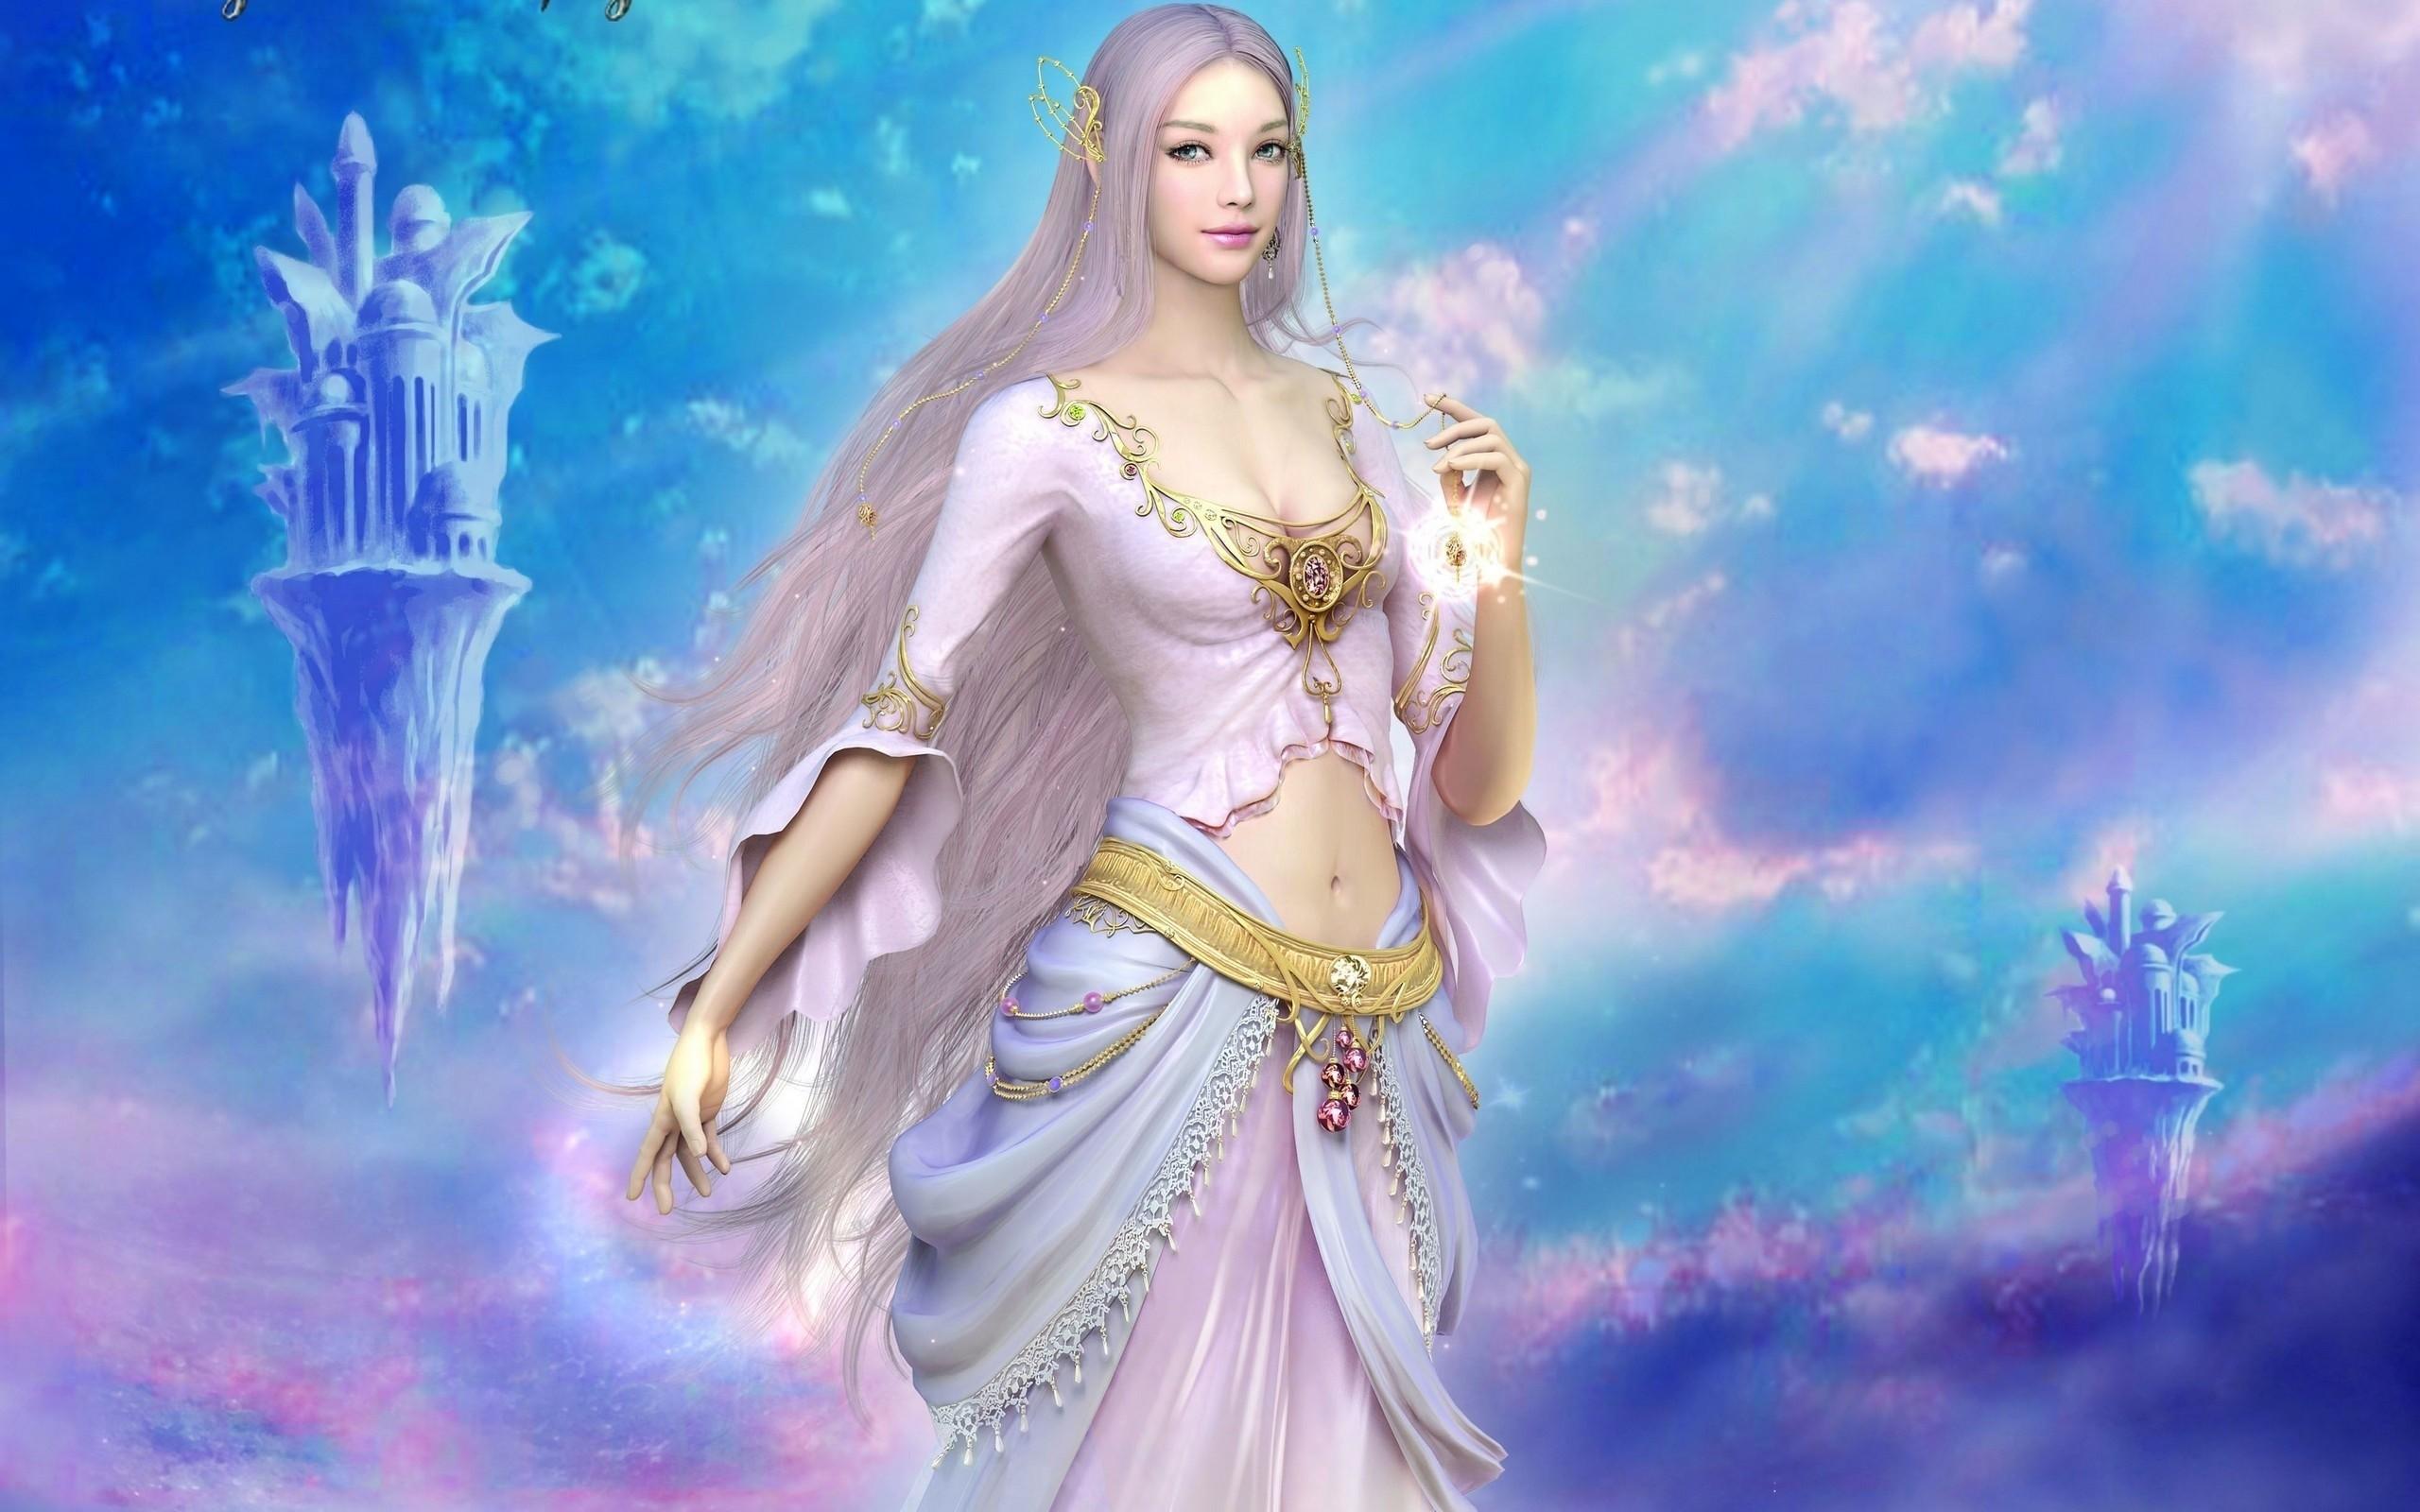 Goddess of Light 3d art blue fantasy goddess of light 2560x1600